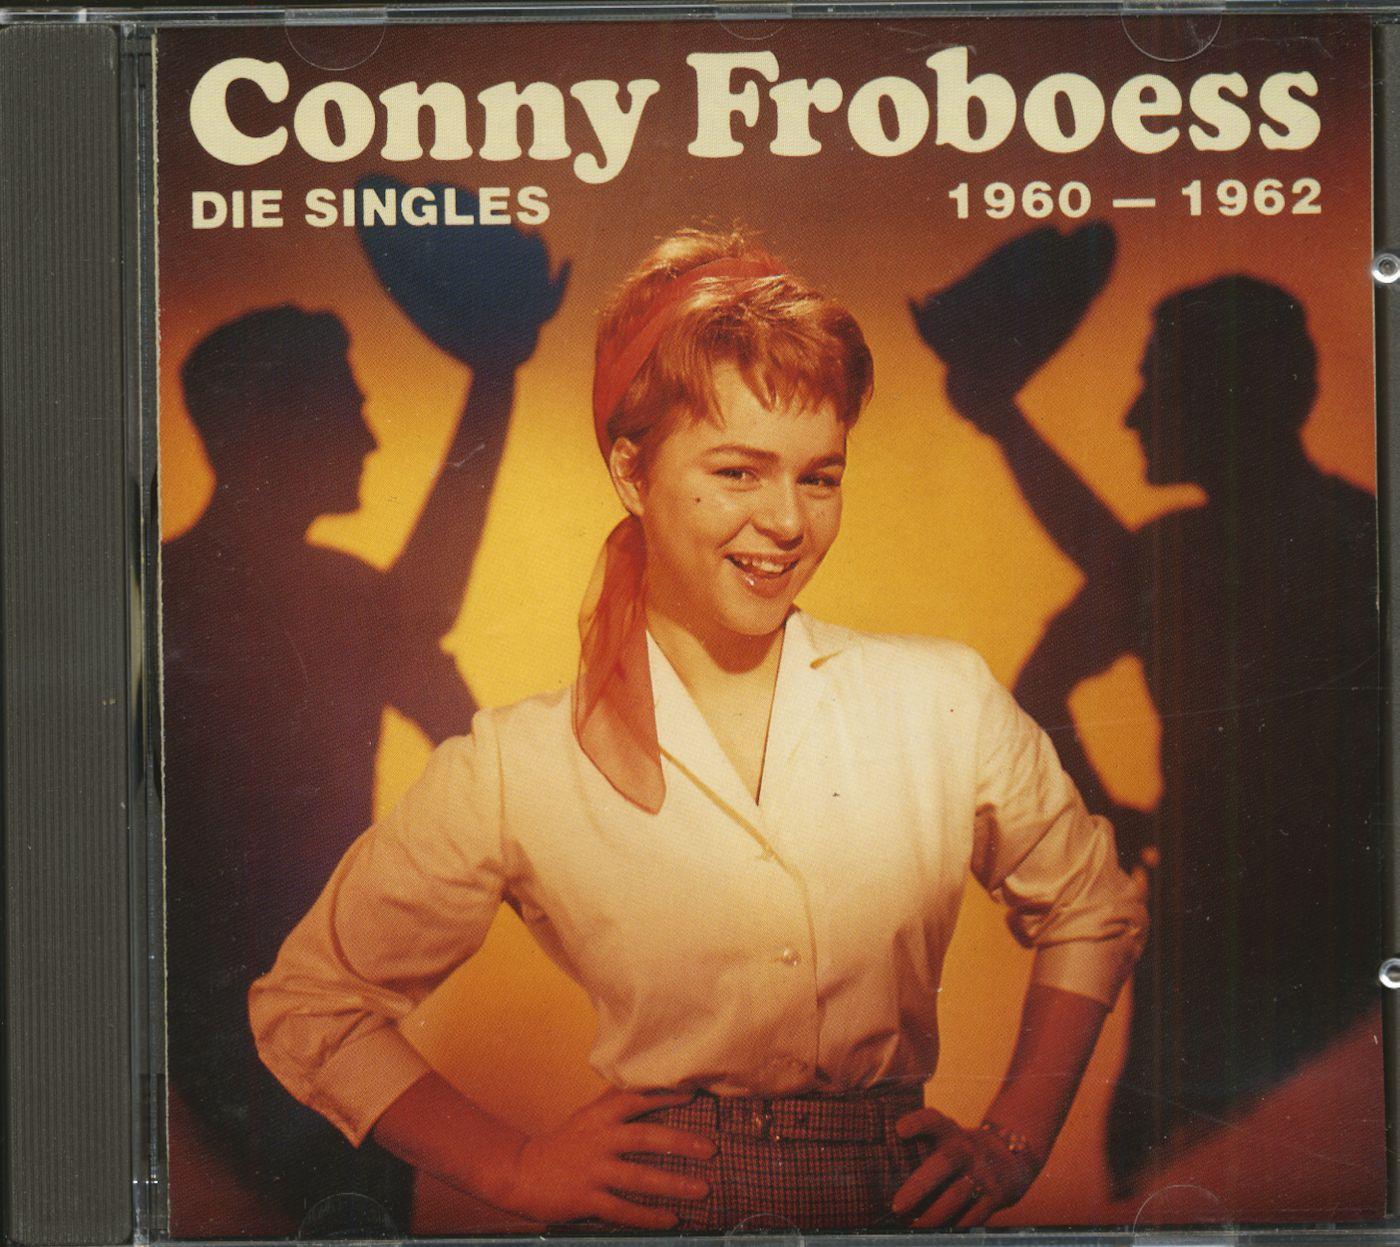 Conny Froboess Bilder conny froboess vol.2, die singles 1960-62